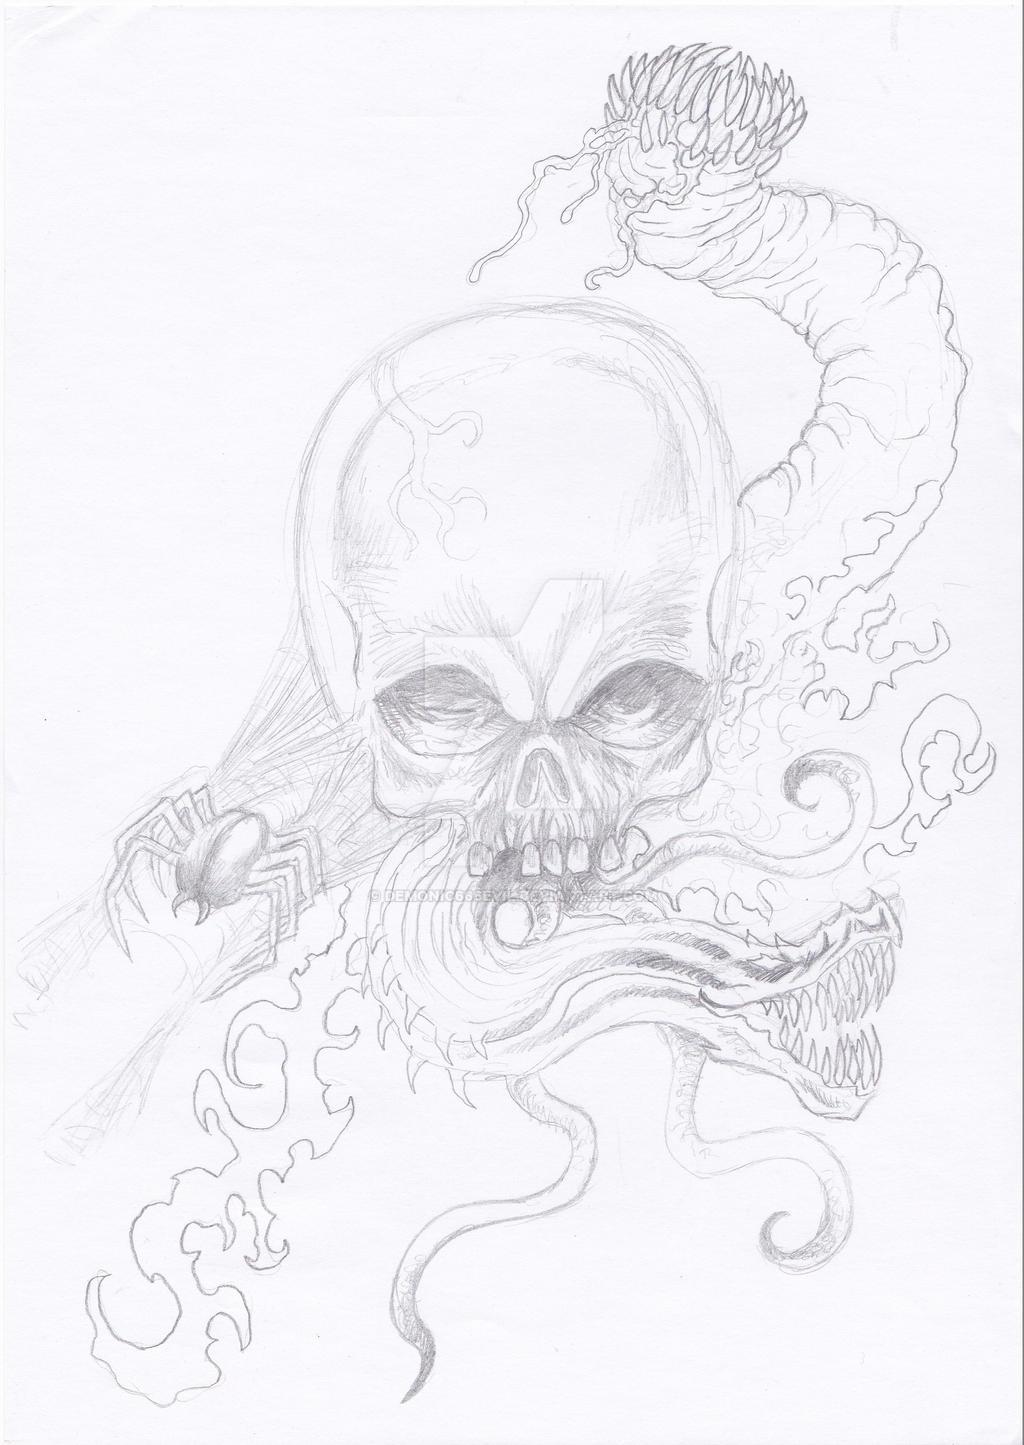 Skull horror pencil sketch wip by demonic666evil on deviantart